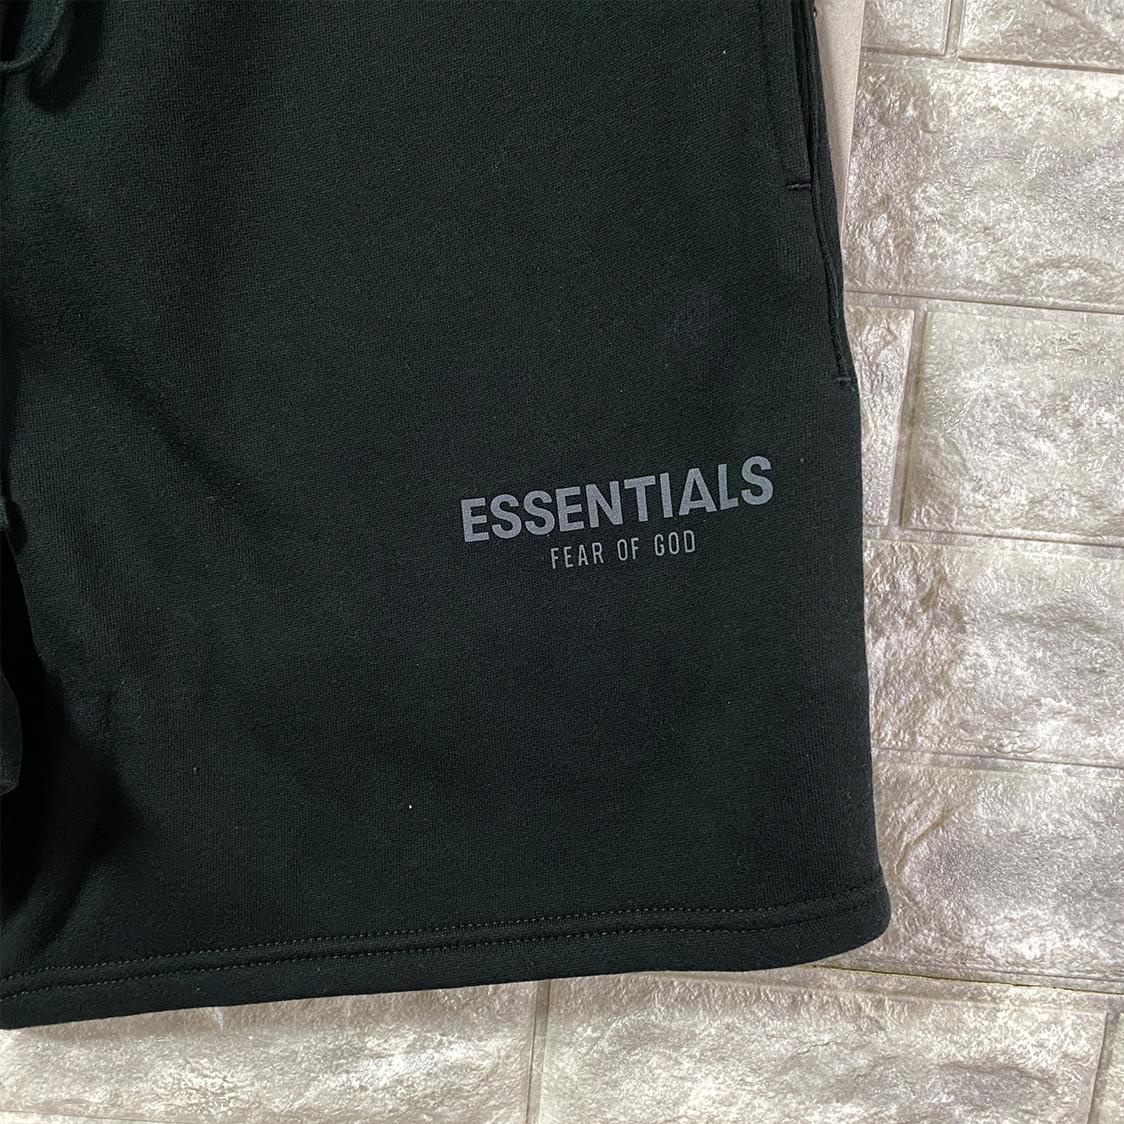 2021新作 新品 Fear Of God Essentials フェアオブゴッド エッセンシャルズ【Sサイズ】 ロゴ スウェット ショーツ ハーフパンツ ブラック FOG